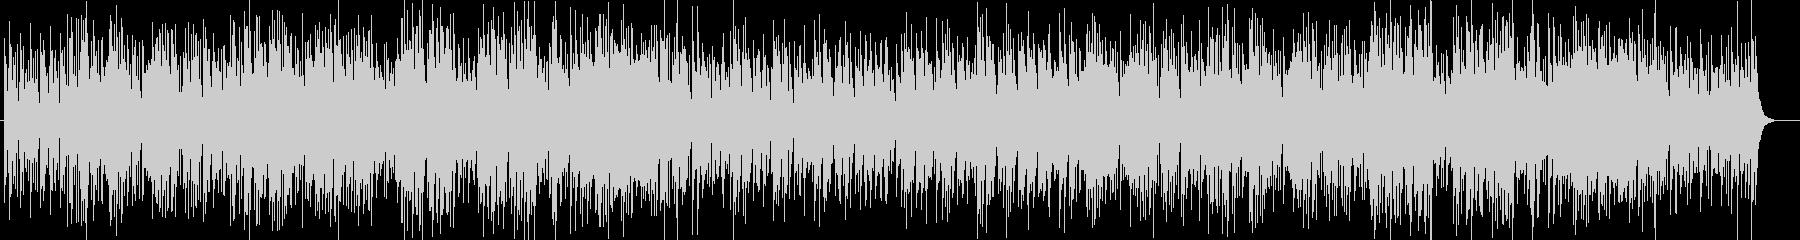 南国ムードのスチールドラムとシンセ曲の未再生の波形